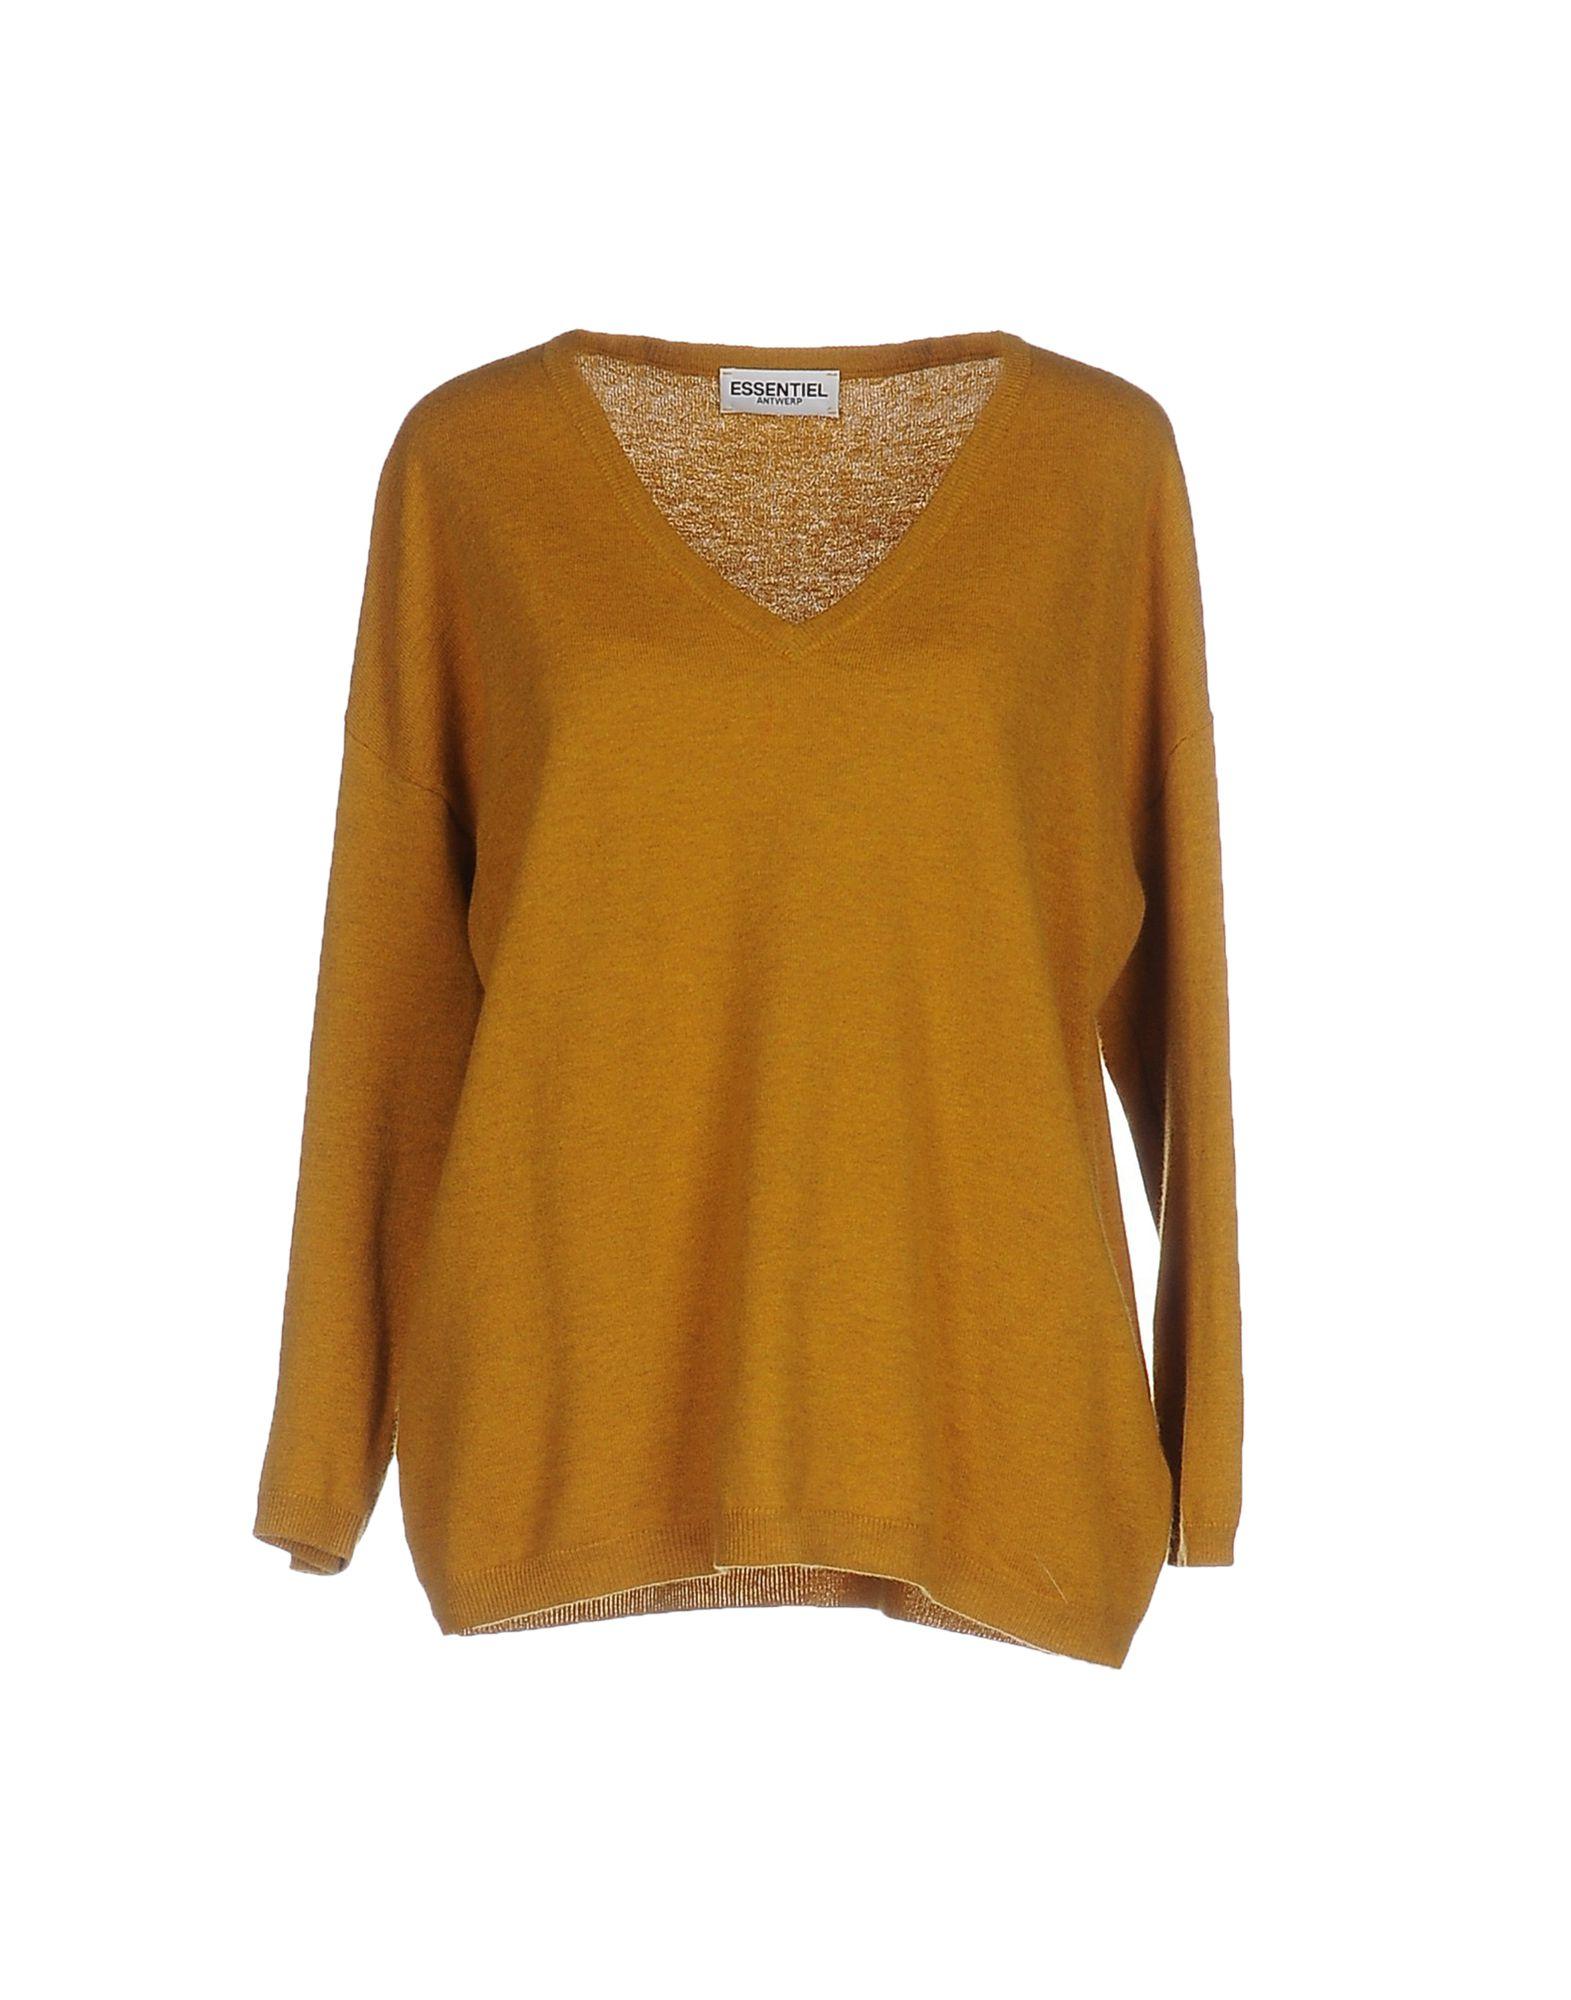 Essentiel Antwerp Sweaters In Ocher